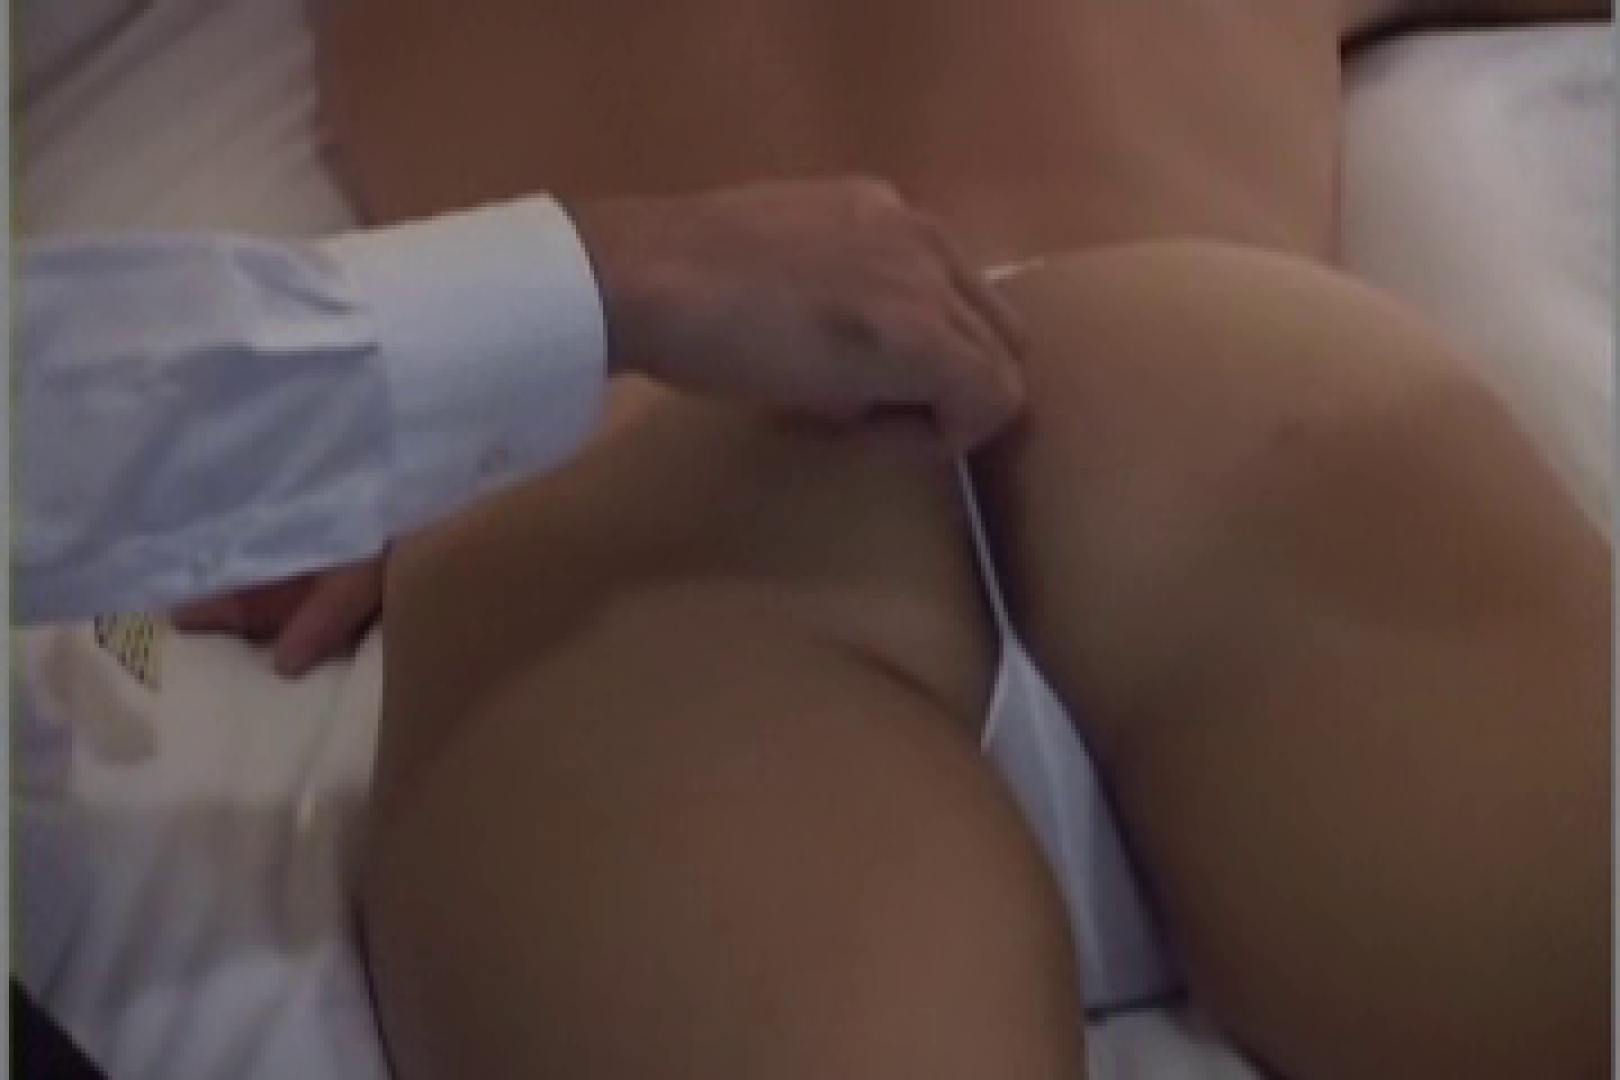 昼下がりの課長の情事 アナル舐め | 69シックスナイン ゲイ肛門画像 11連発 4